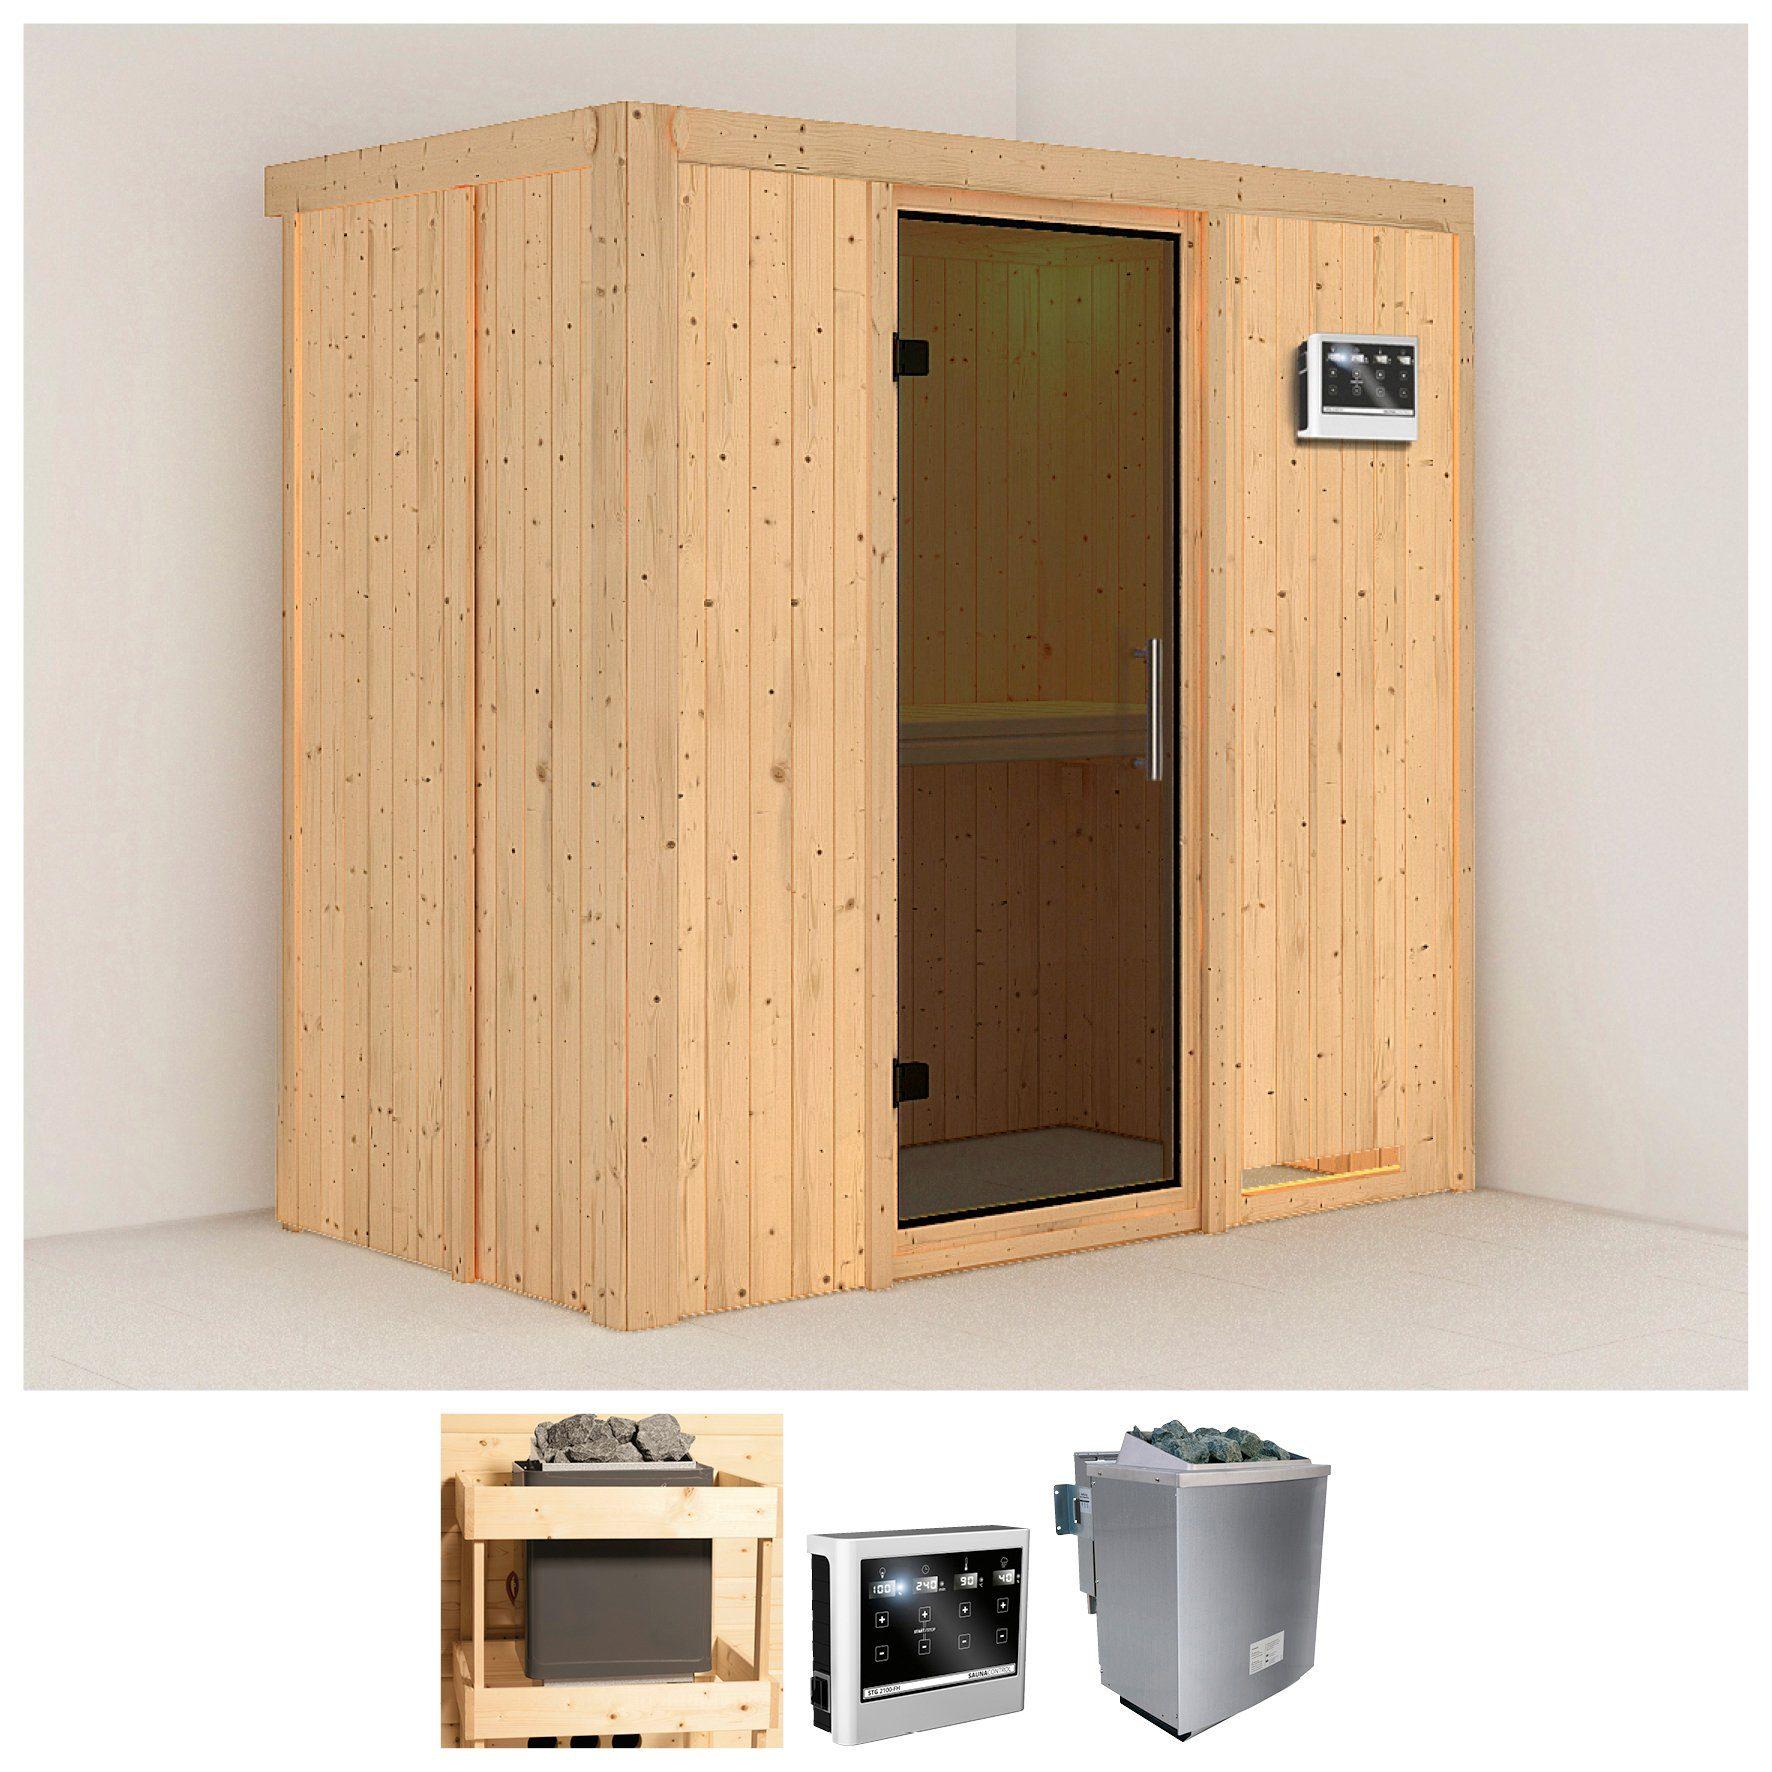 KONIFERA Sauna »Variado«, 196/118/198 cm, 9-kW-Bio-Ofen mit ext. Strg., Glastür grafit